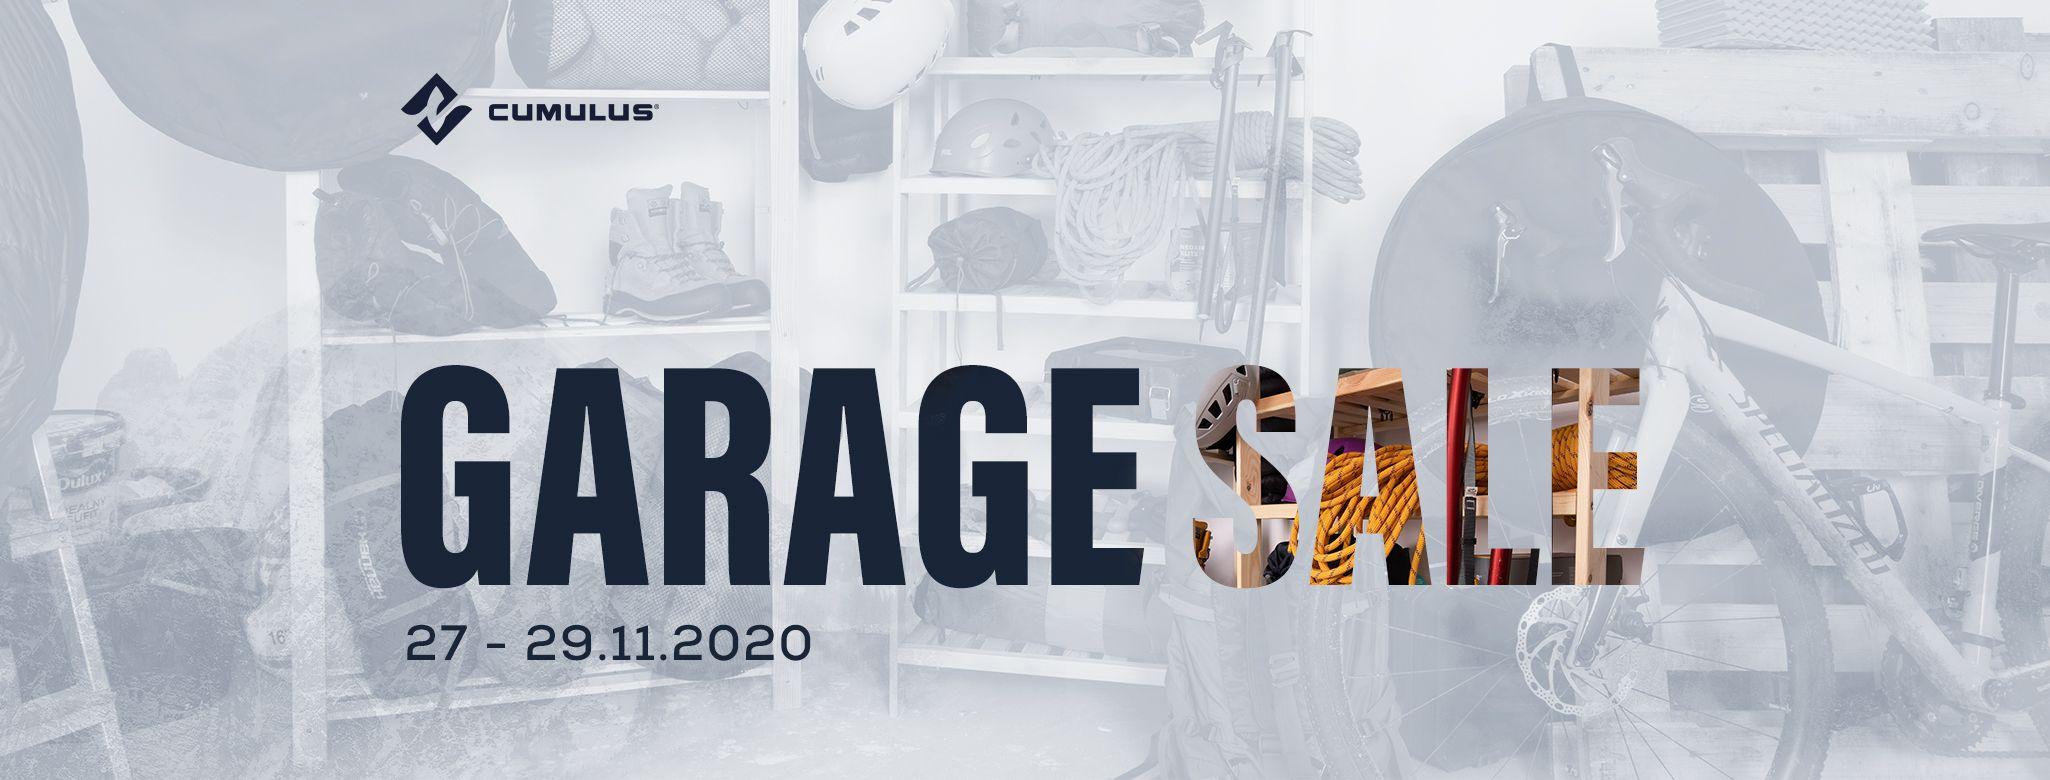 Wspieramy projekt oczyszczania gór w ramach akcji Garage Sale!